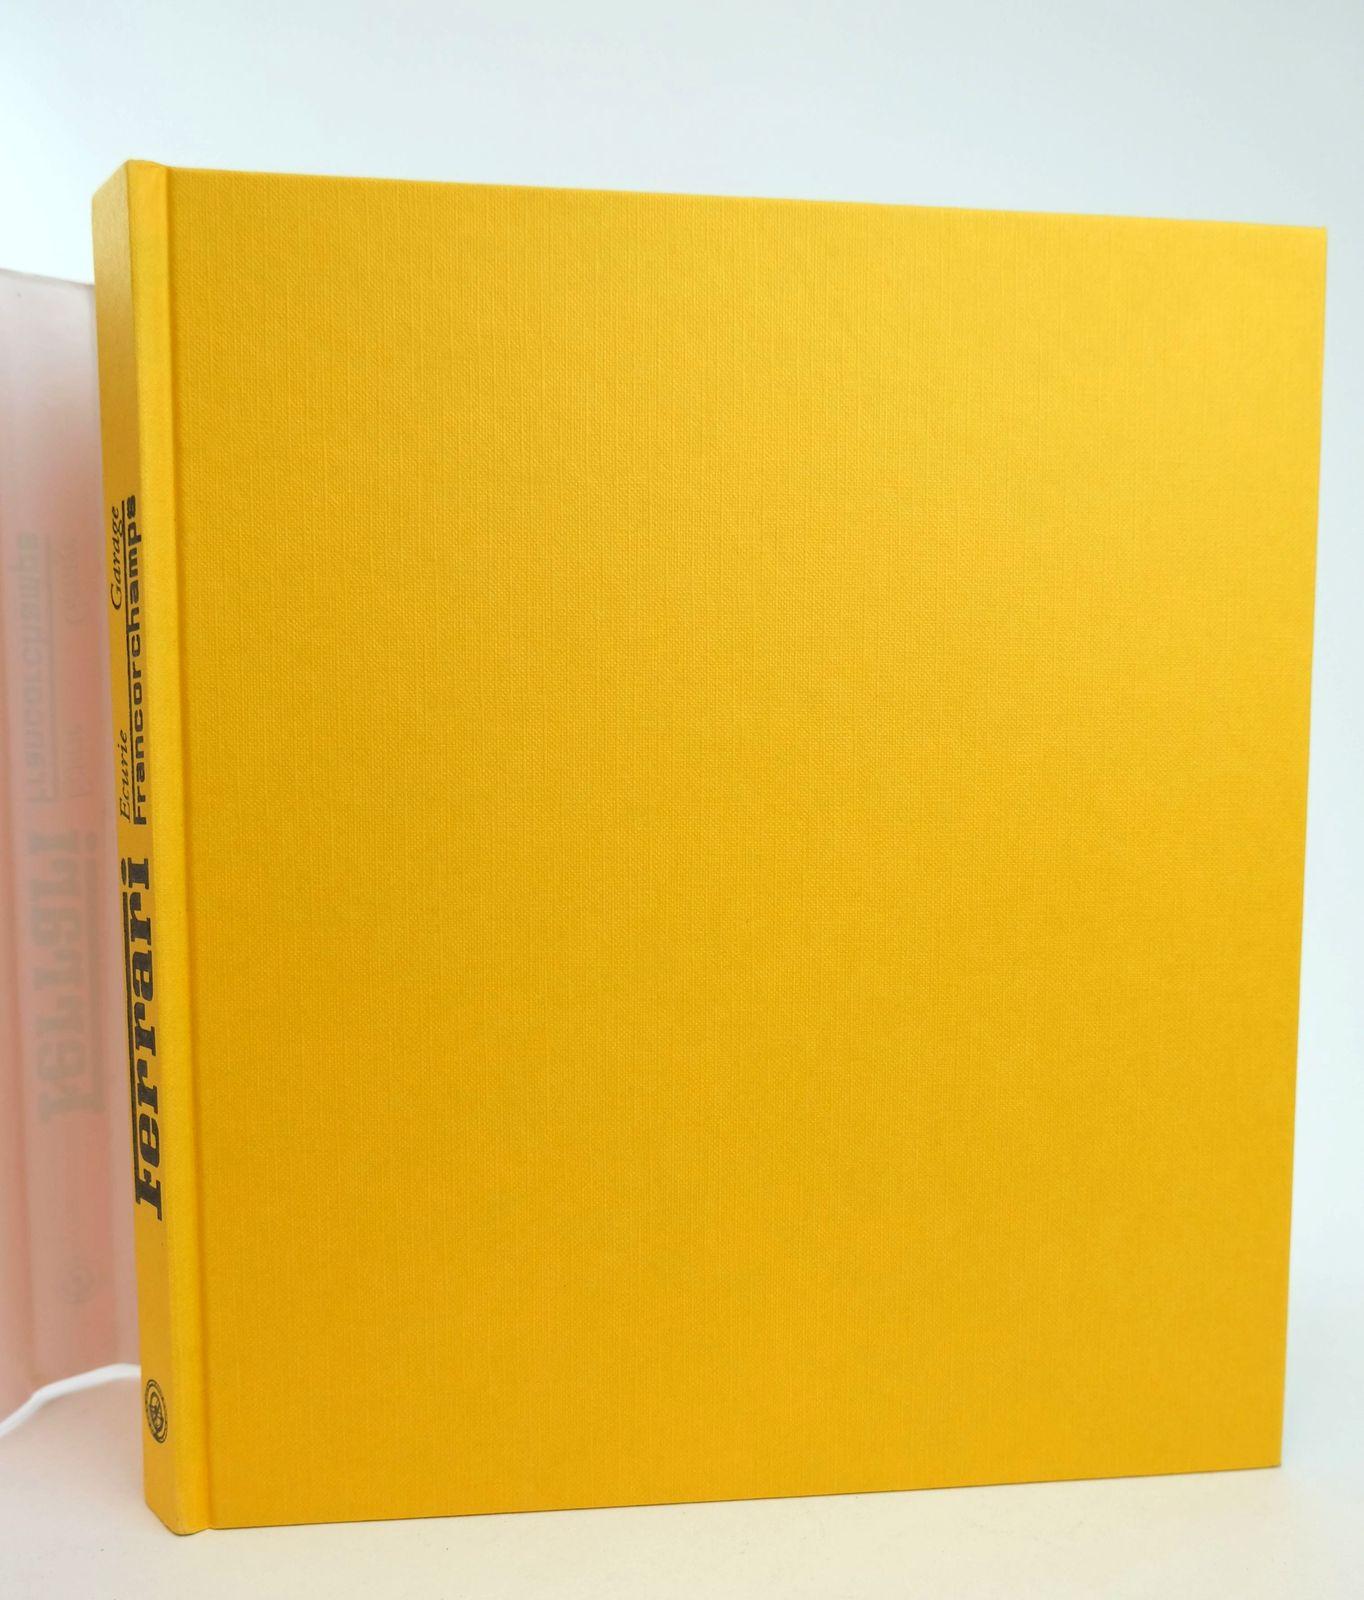 Photo of FERRARI ECURIE GARAGE FRANCORCHAMPS written by Rogliatti, Gianni published by Giorgio Nada Editore (STOCK CODE: 1818697)  for sale by Stella & Rose's Books